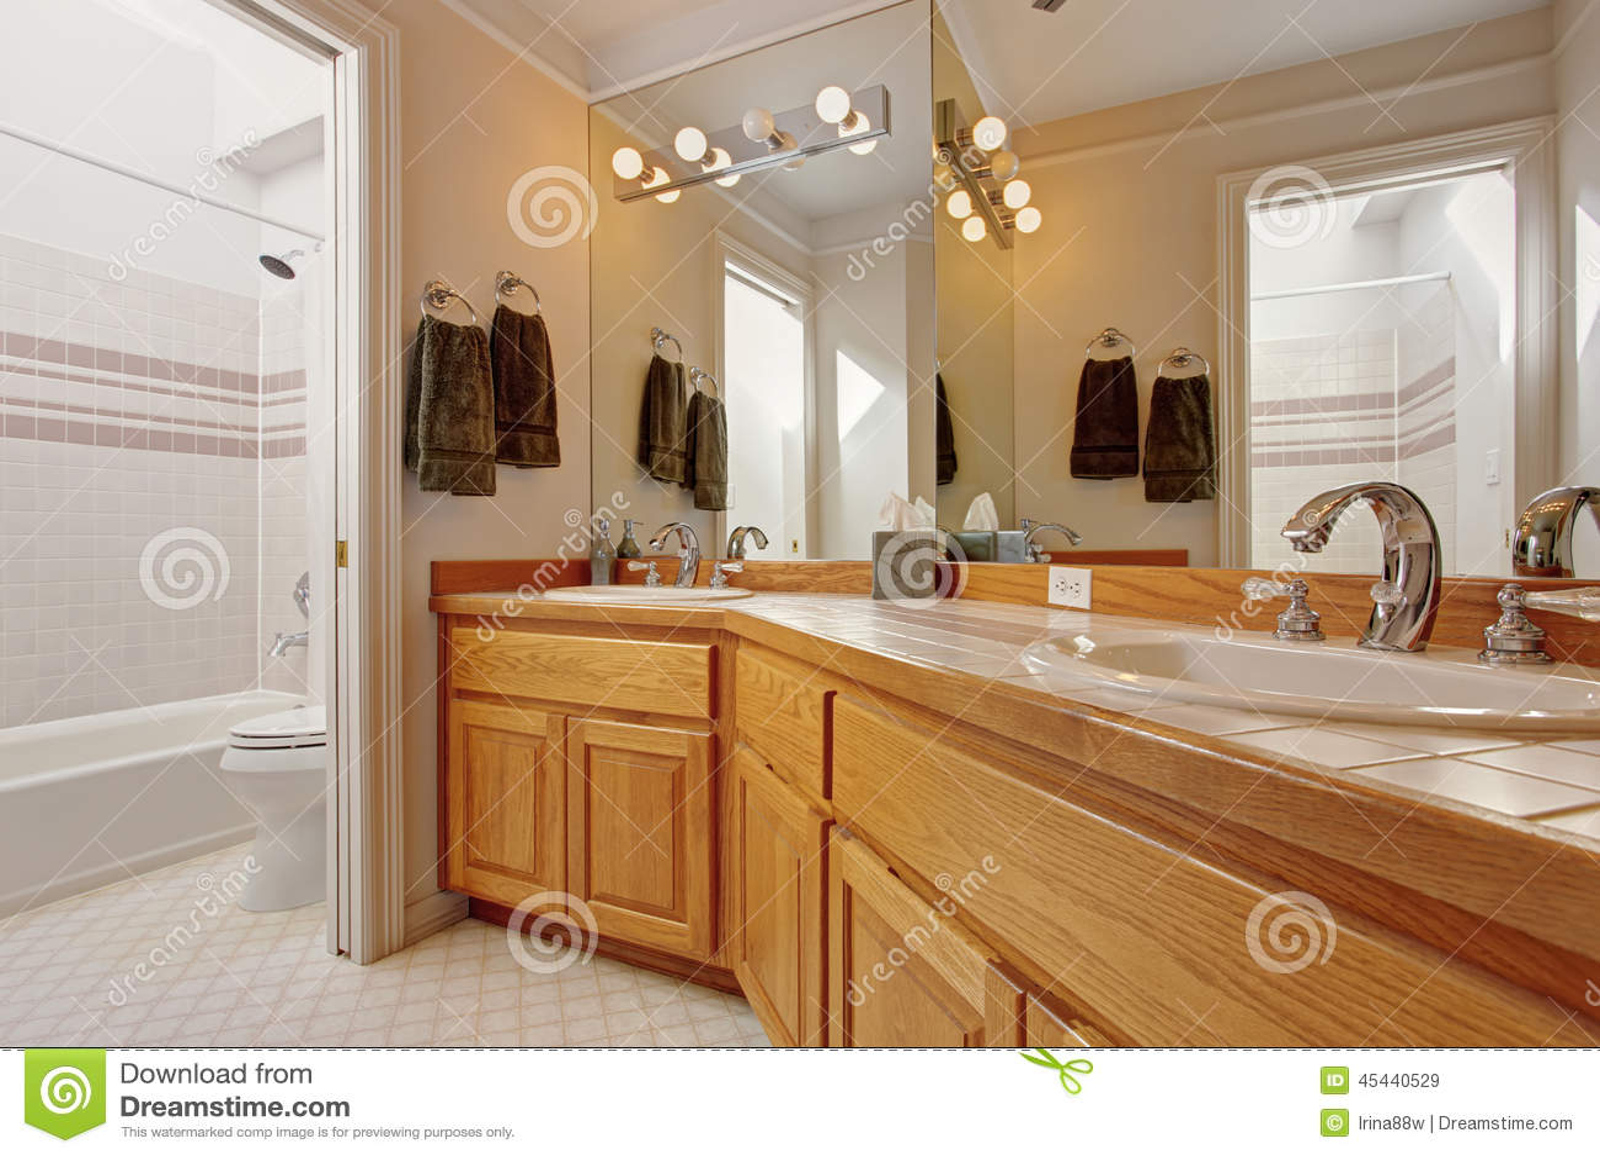 Gabinetto di vanit del bagno con due lavandini e specchi fotografia stock immagine 45440529 - Due lavandini bagno ...